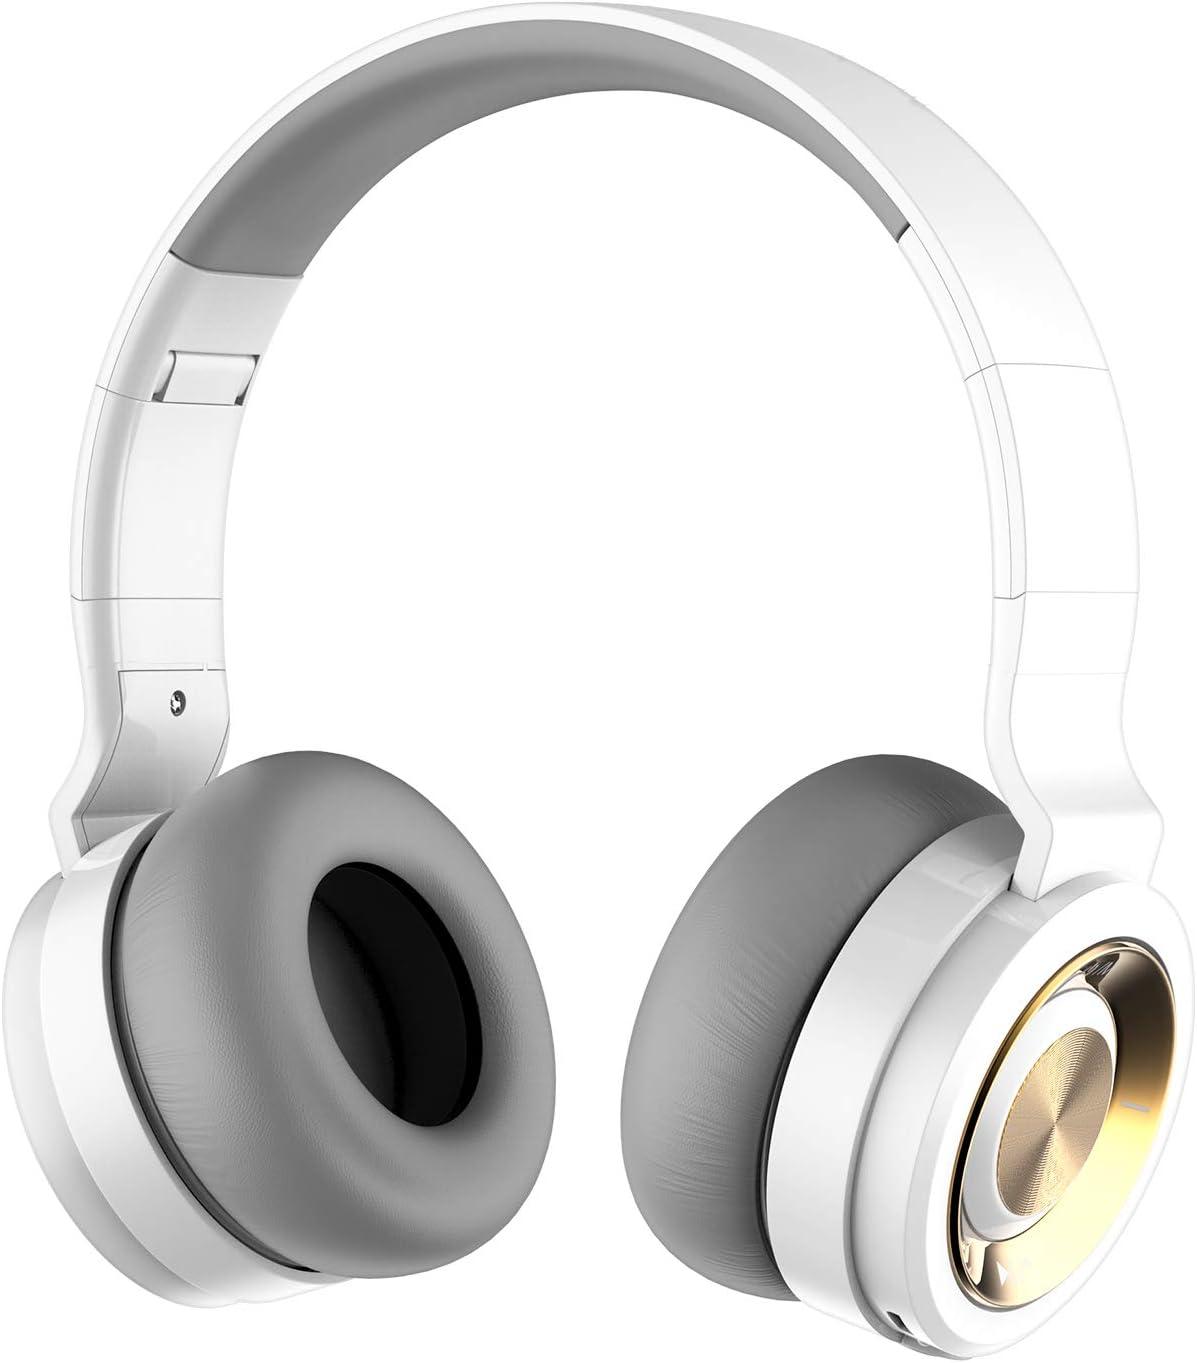 Alitoo Auriculares Inalámbricos Bluetooth con Micrófono Hi-Fi Deep Bass Auriculares Inalámbricos sobre El Oído, Almohadillas de Protección Cómodo, 12 Horas de reproducción de música (Oro Blanco)